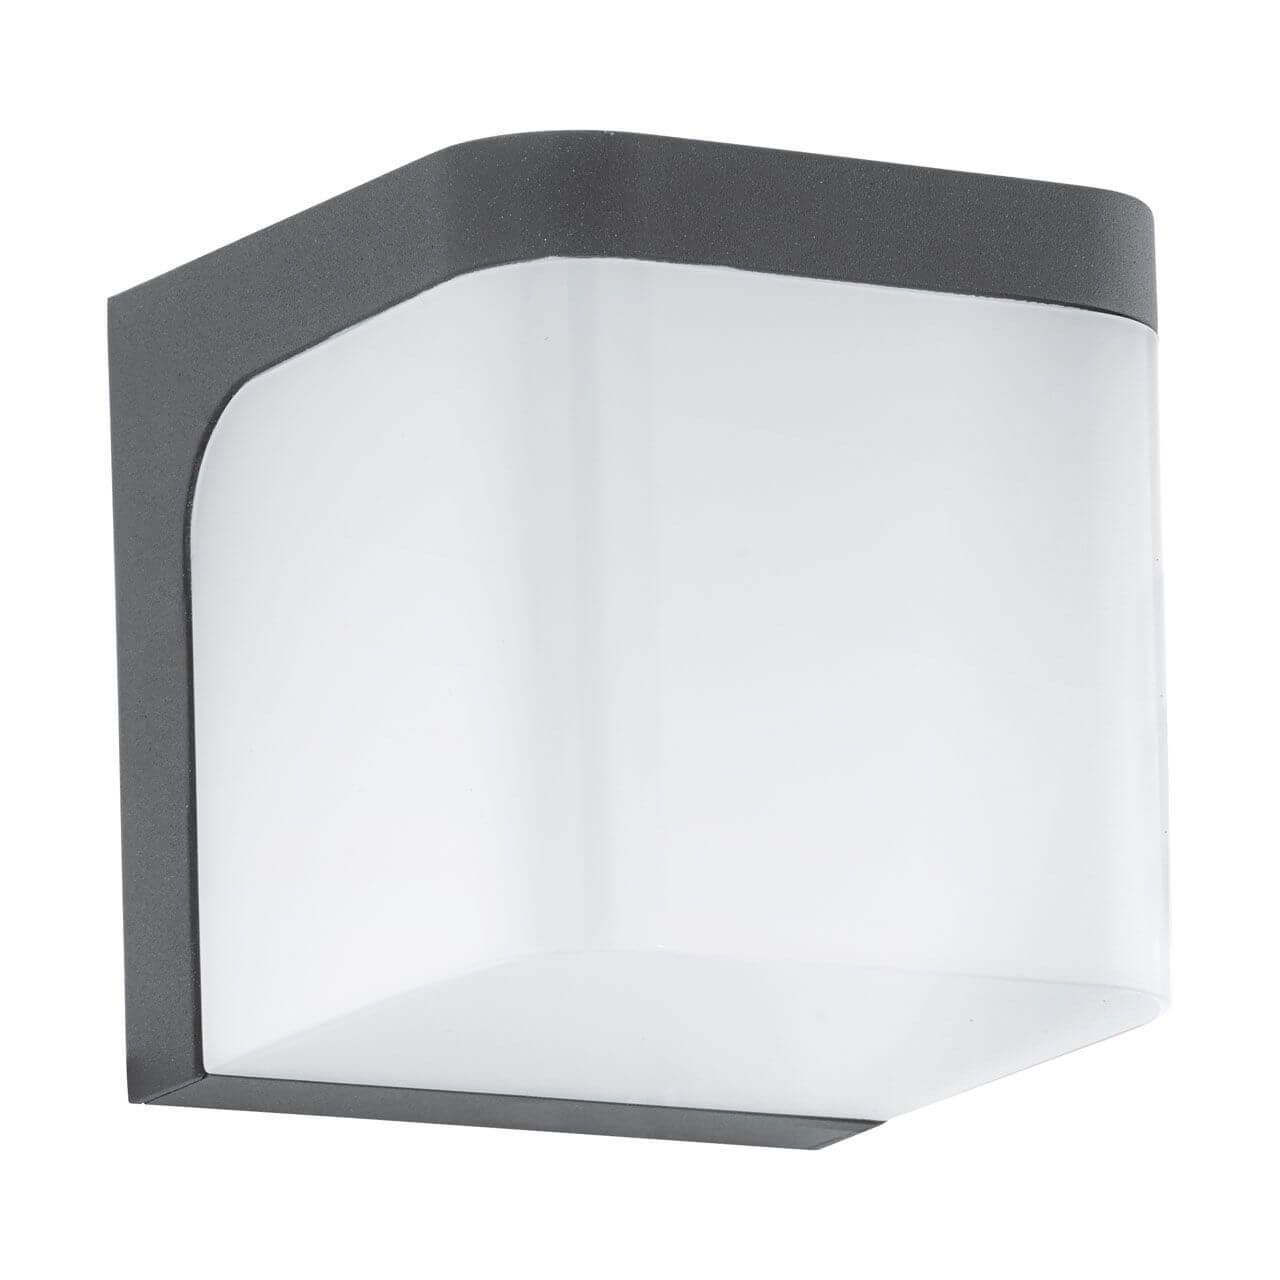 Уличный светильник Eglo 96256, белый